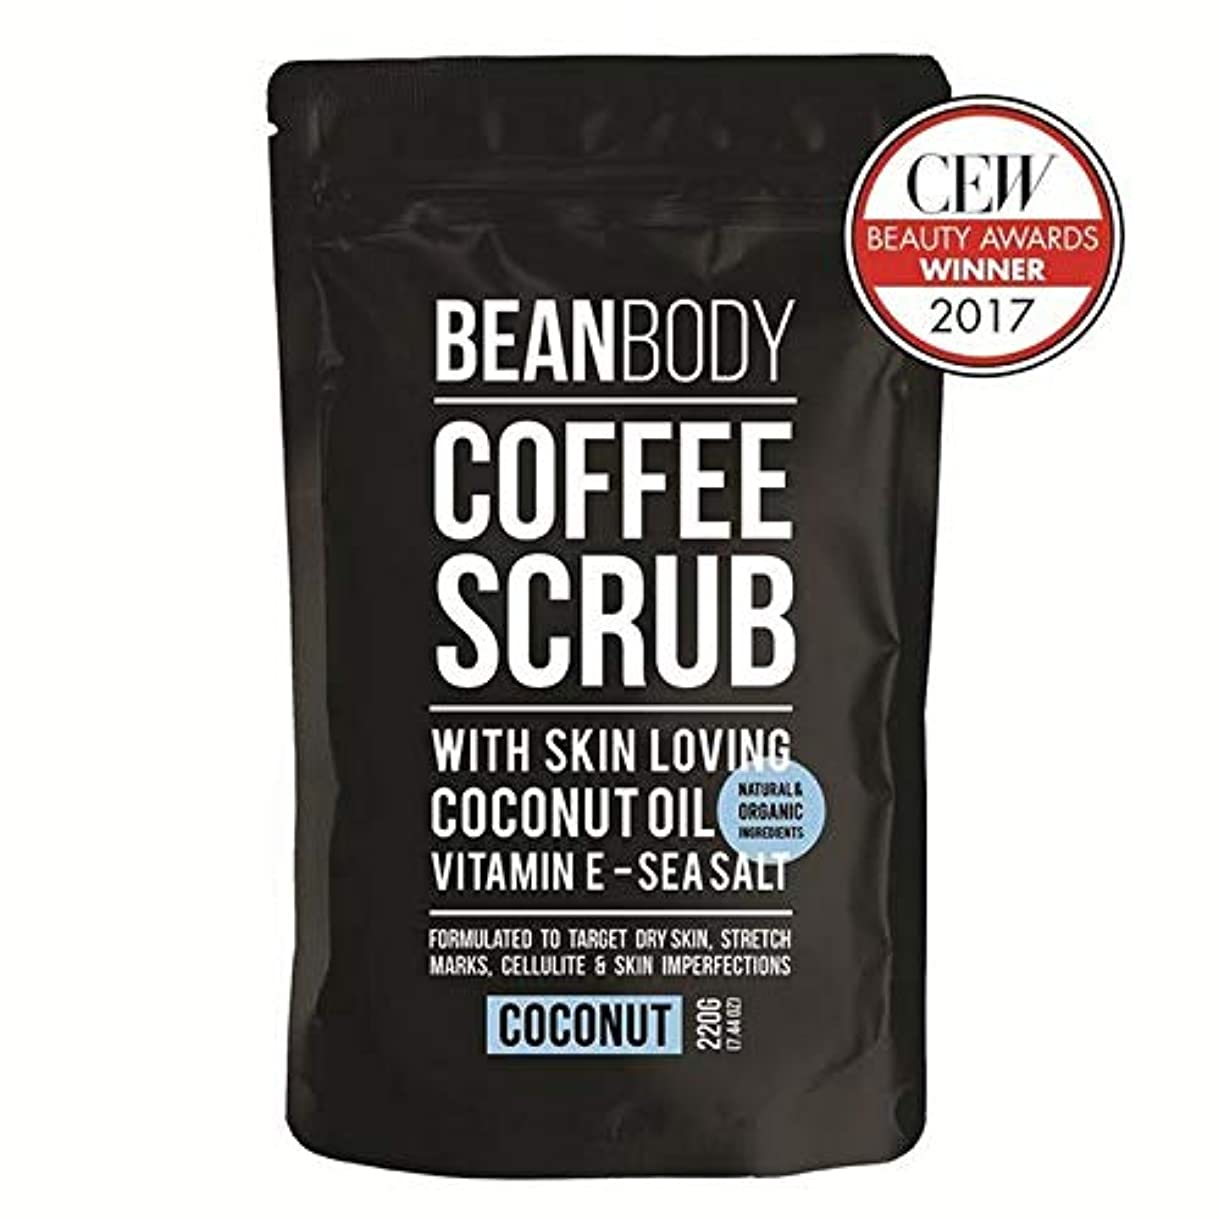 経営者セマフォバイソン[Bean Body ] 豆のボディコーヒースクラブ、ココナッツ220グラム - Bean Body Coffee Scrub, Coconut 220g [並行輸入品]